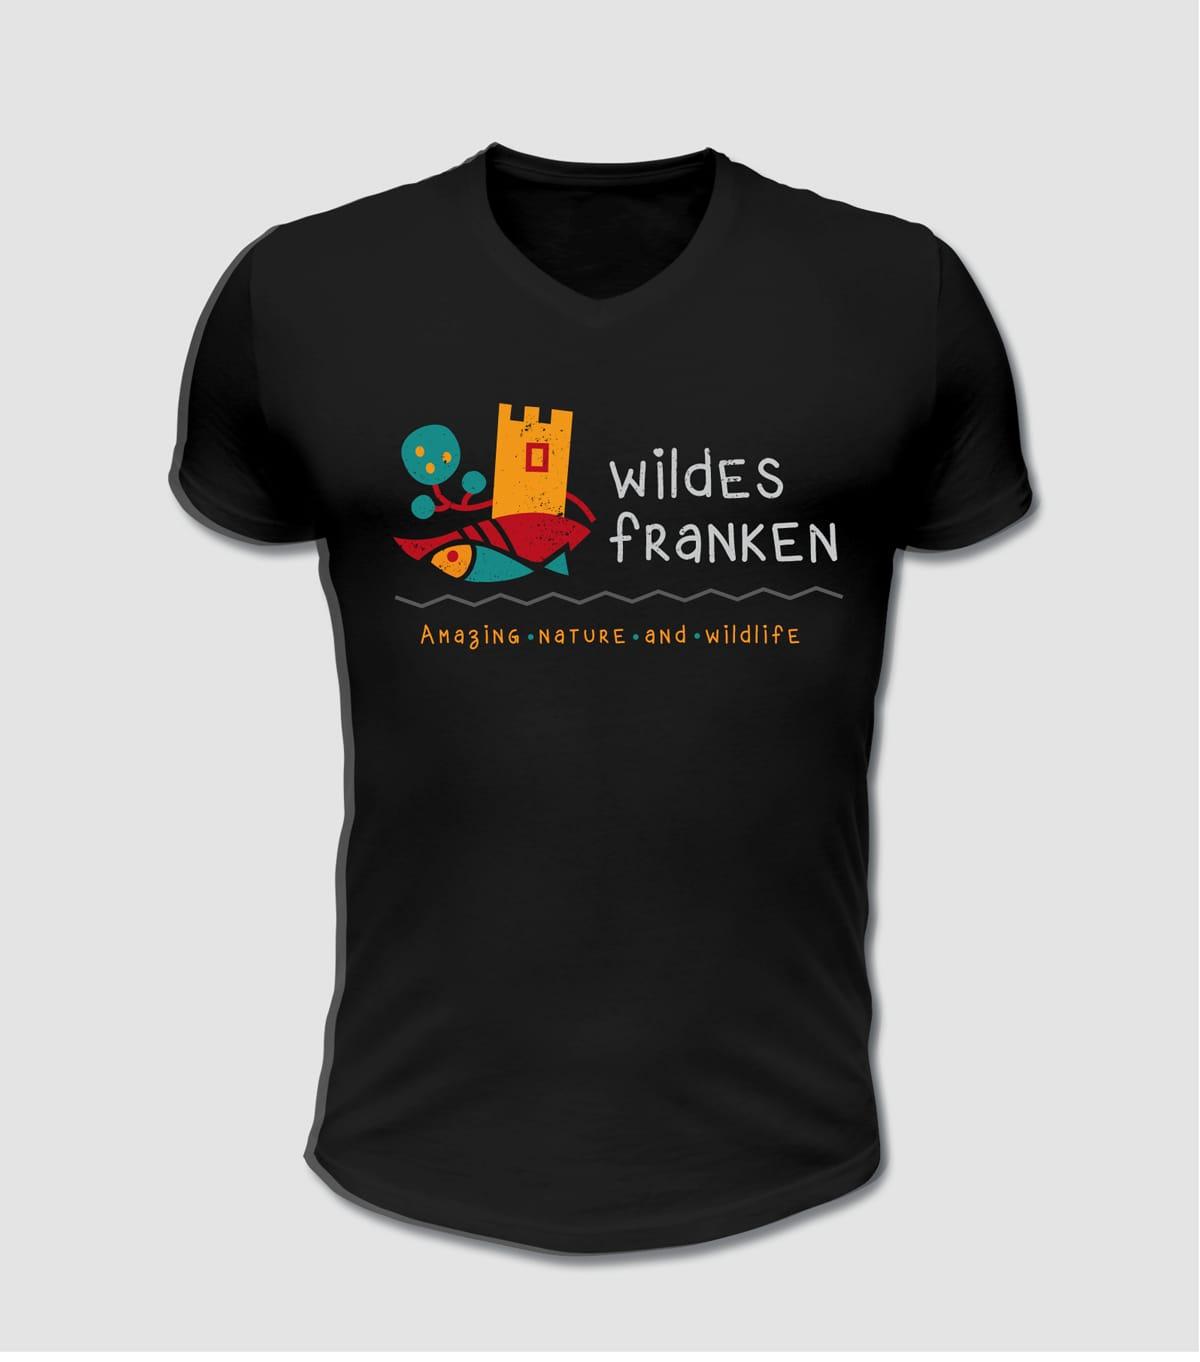 Wildes Franken T-Shirt für Tourismus und Wanderer der Fränkische Schweiz